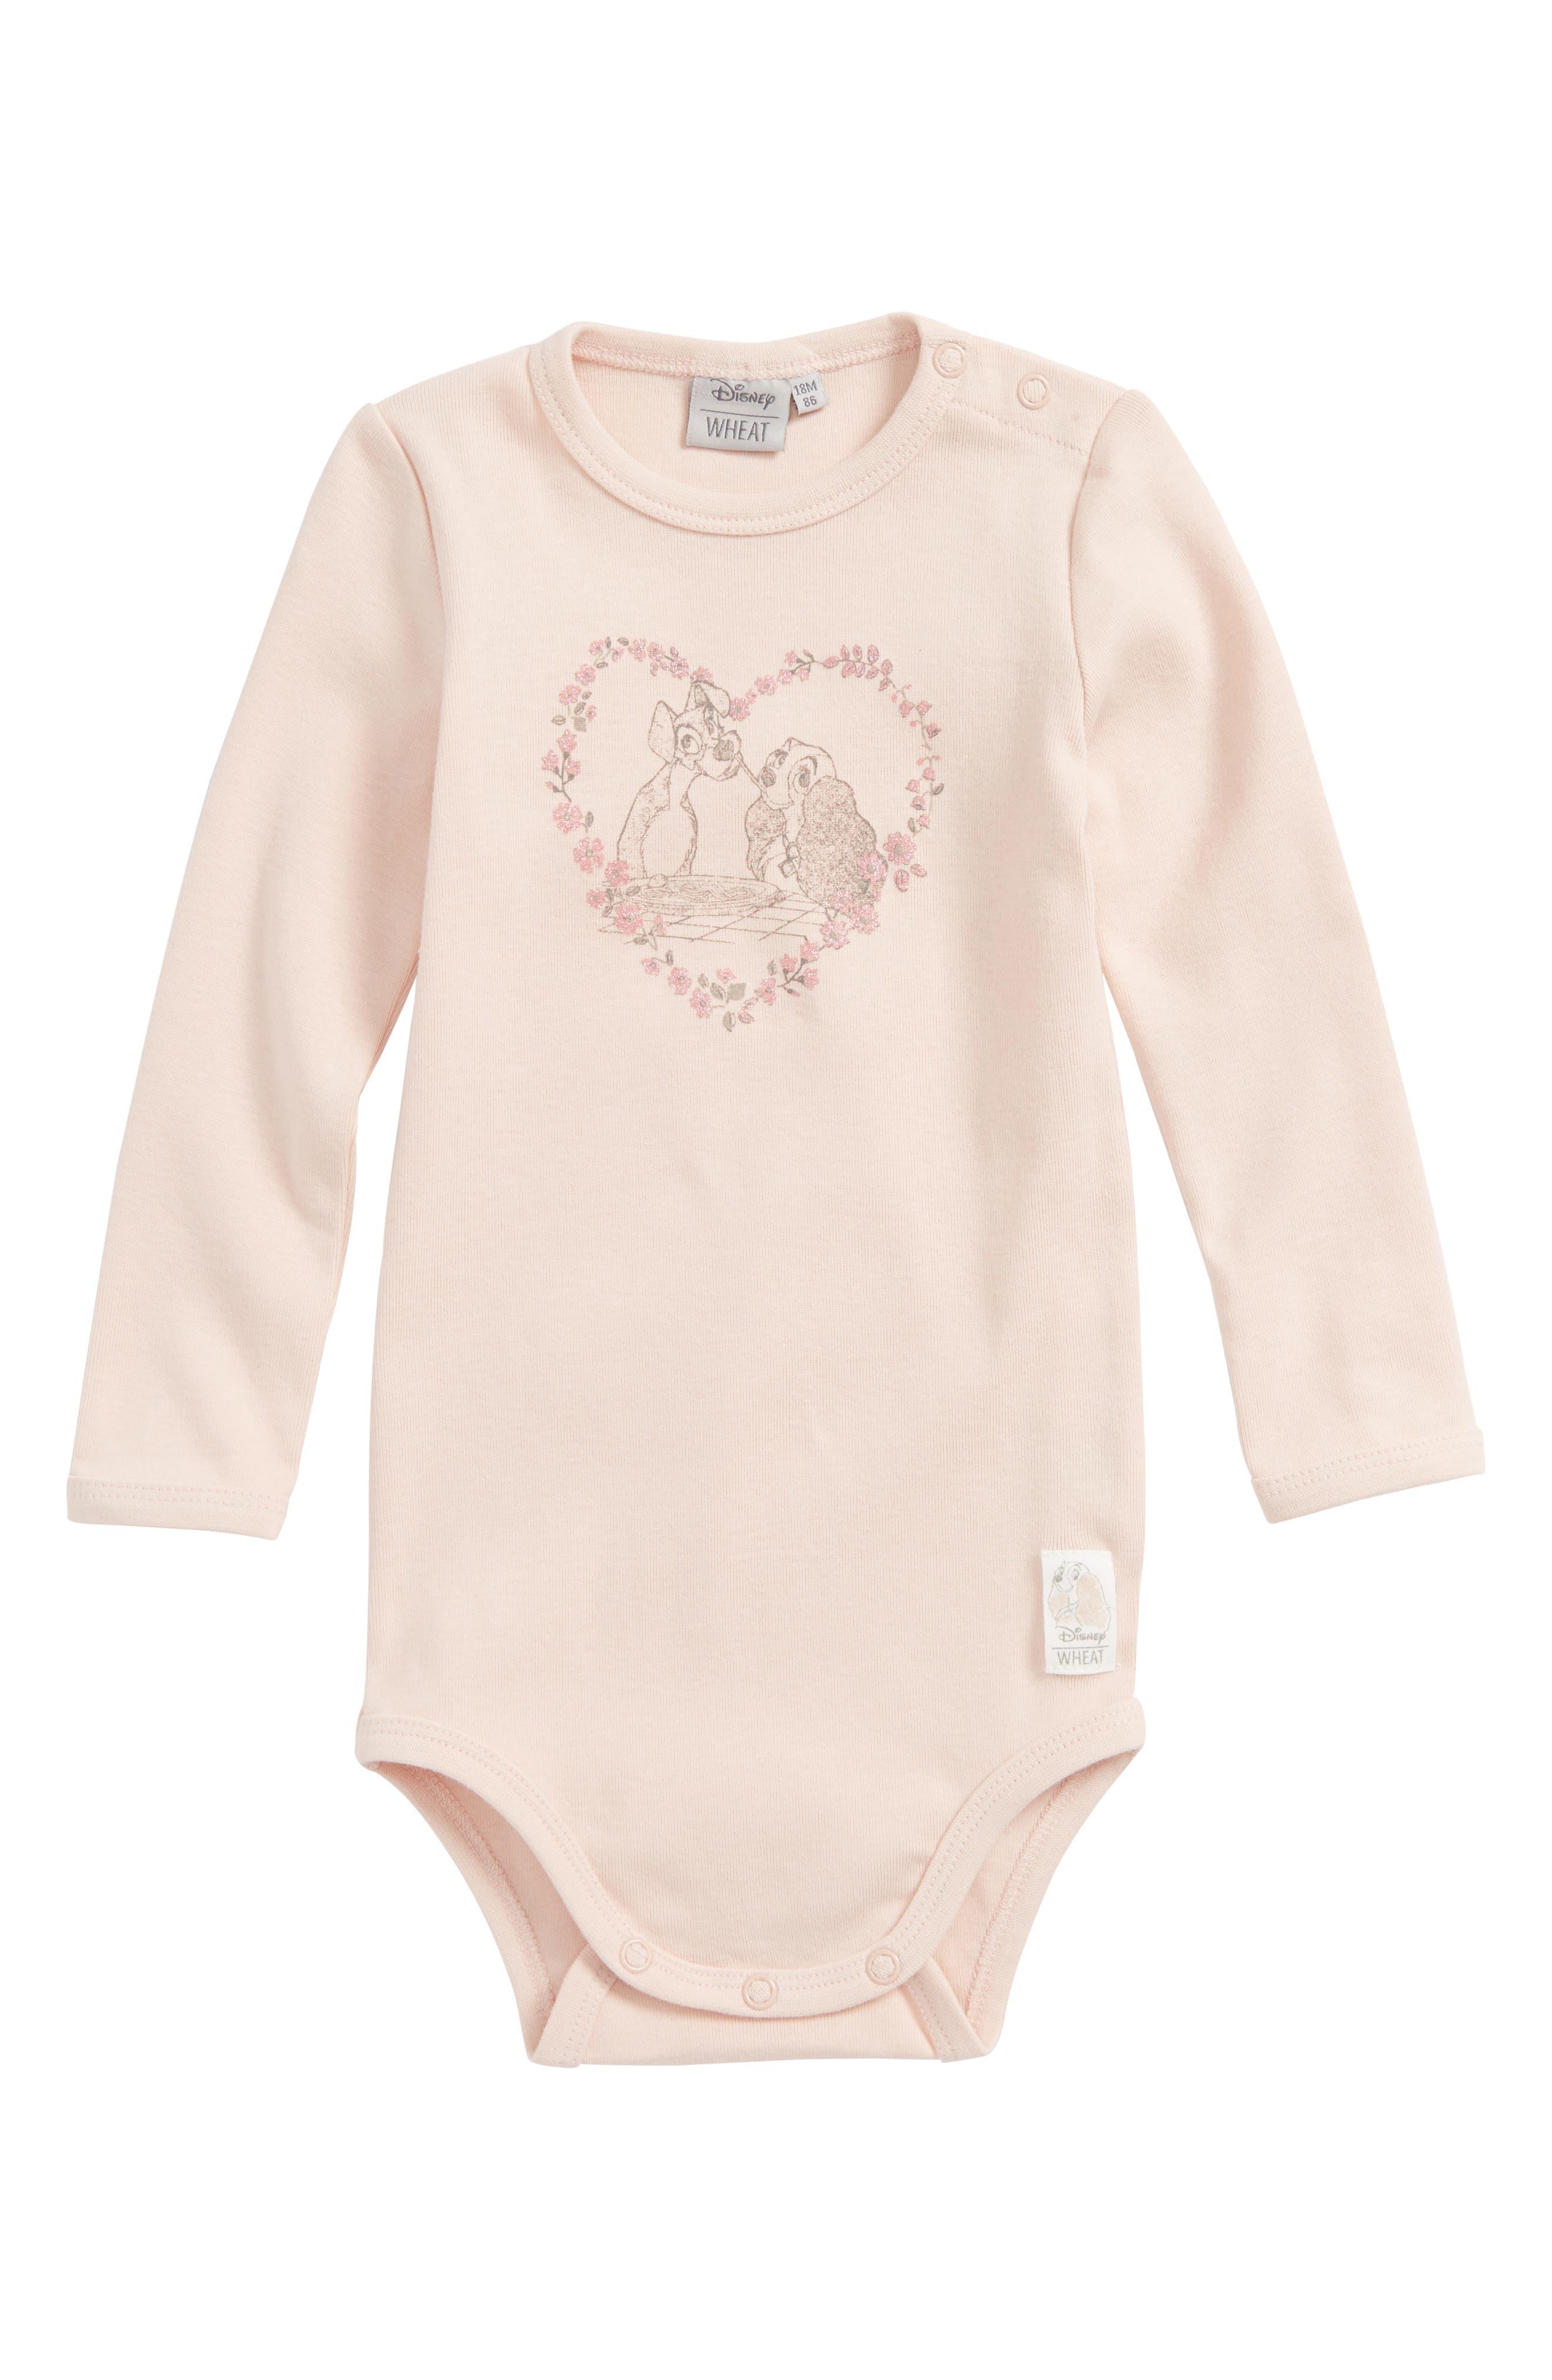 Alternate Image 1 Selected - Wheat Disney 'Lady & the Tramp' Organic Cotton Bodysuit (Baby Girls & Toddler Girls)